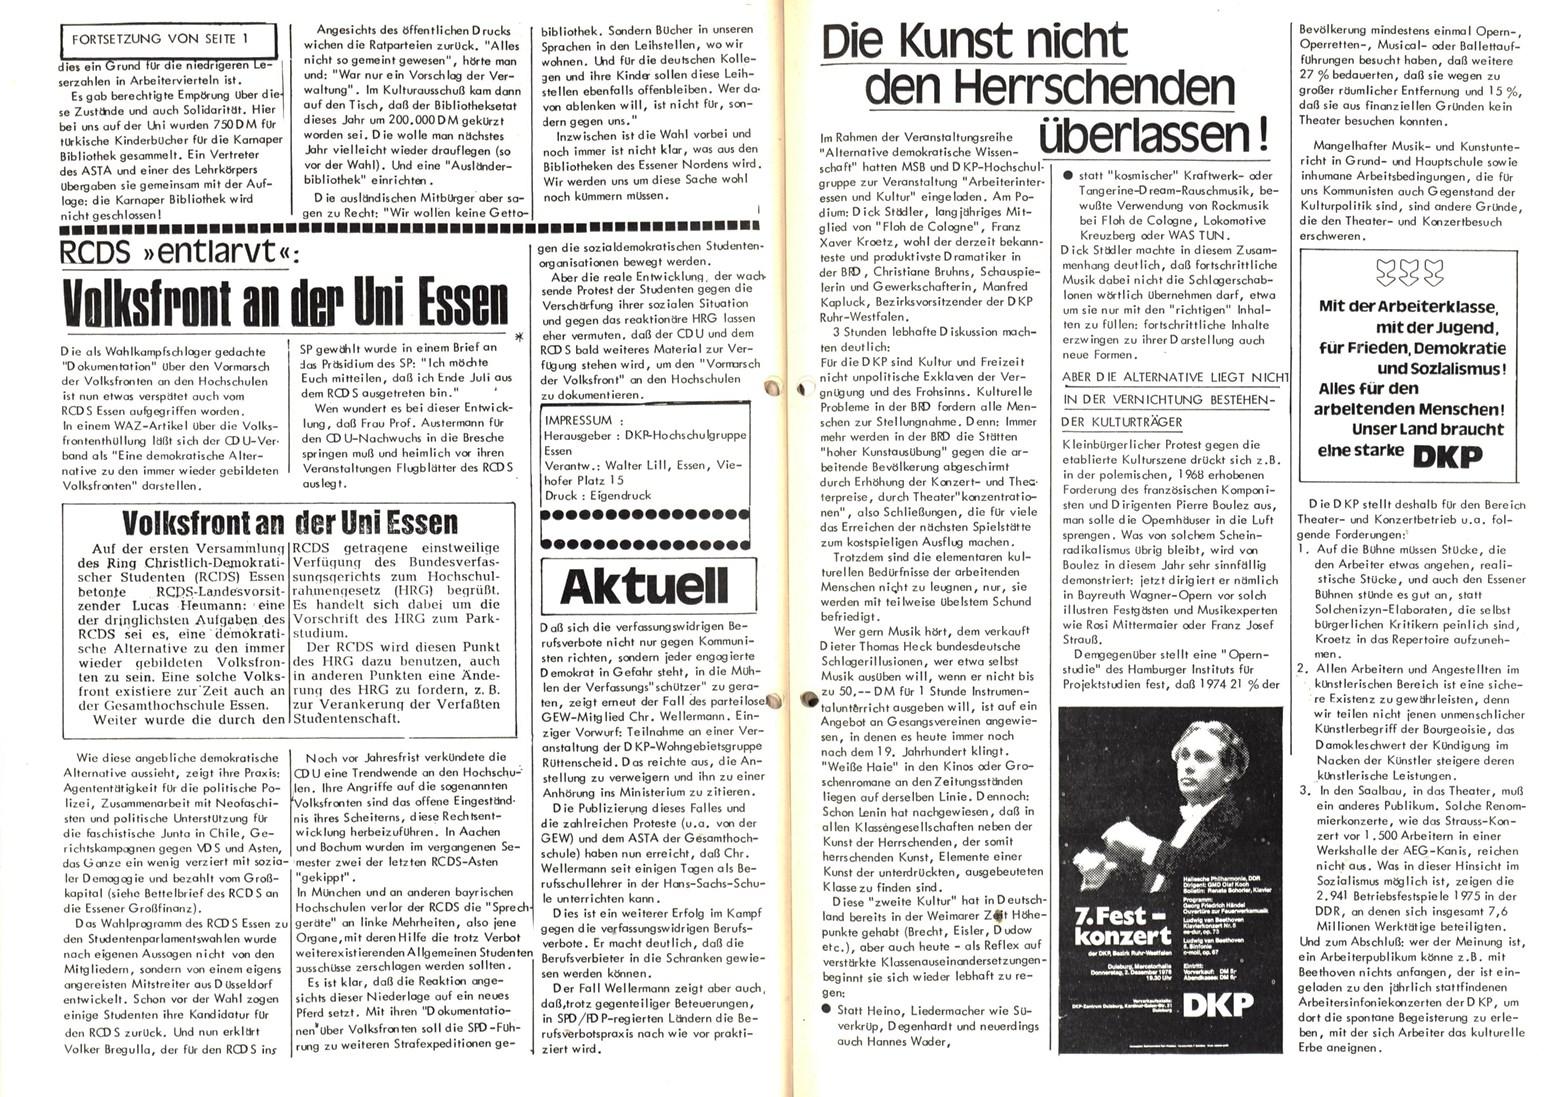 Essen_DKP_Kommunist_19761100_02